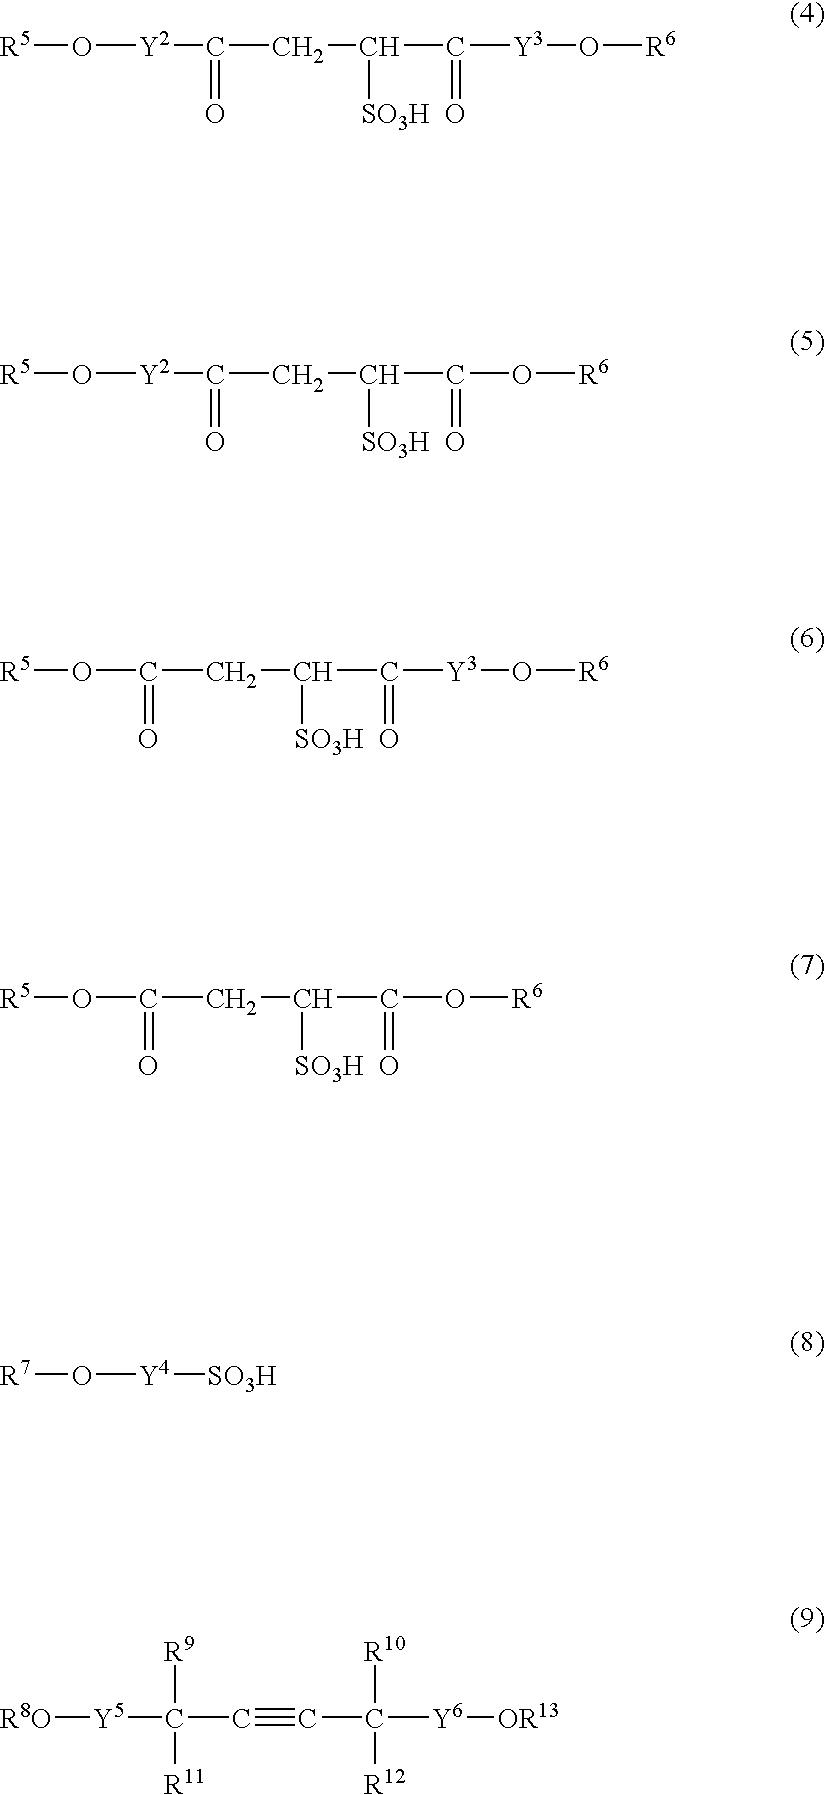 Figure US07485162-20090203-C00005